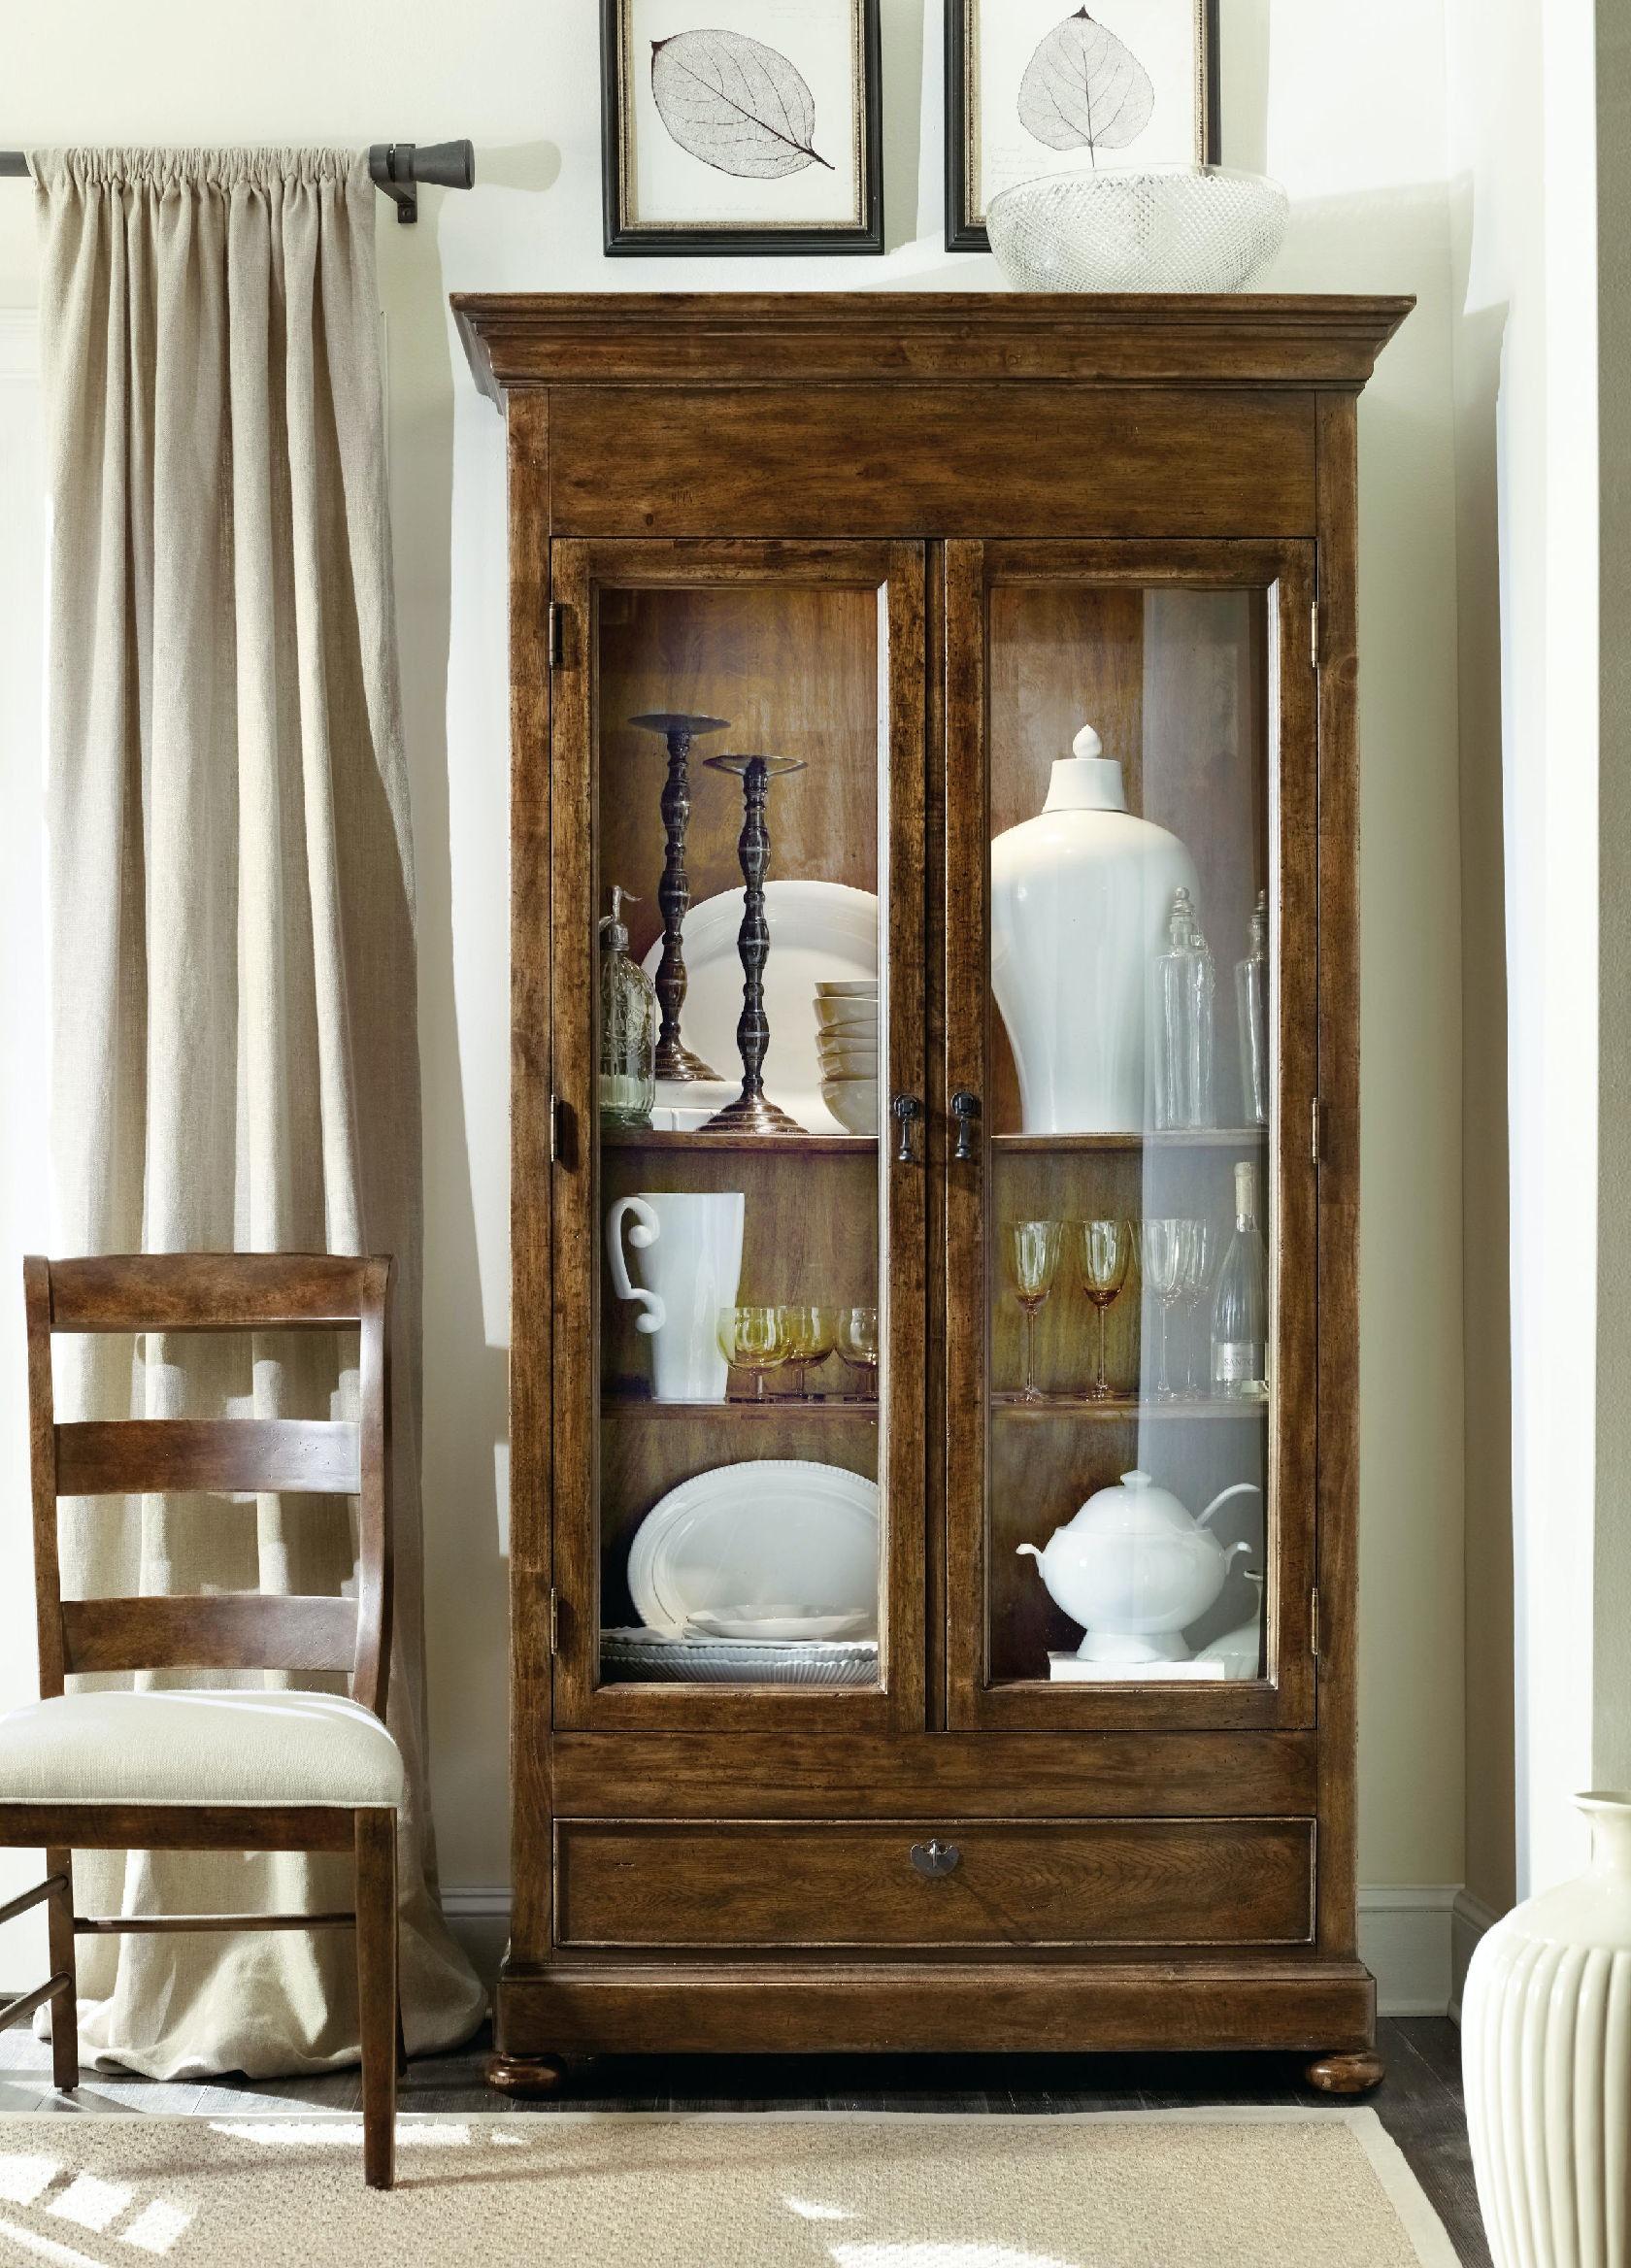 Hooker Furniture Archivist Display Cabinet 5447 75908. Hooker Furniture Dining Room Archivist Display Cabinet 5447 75908